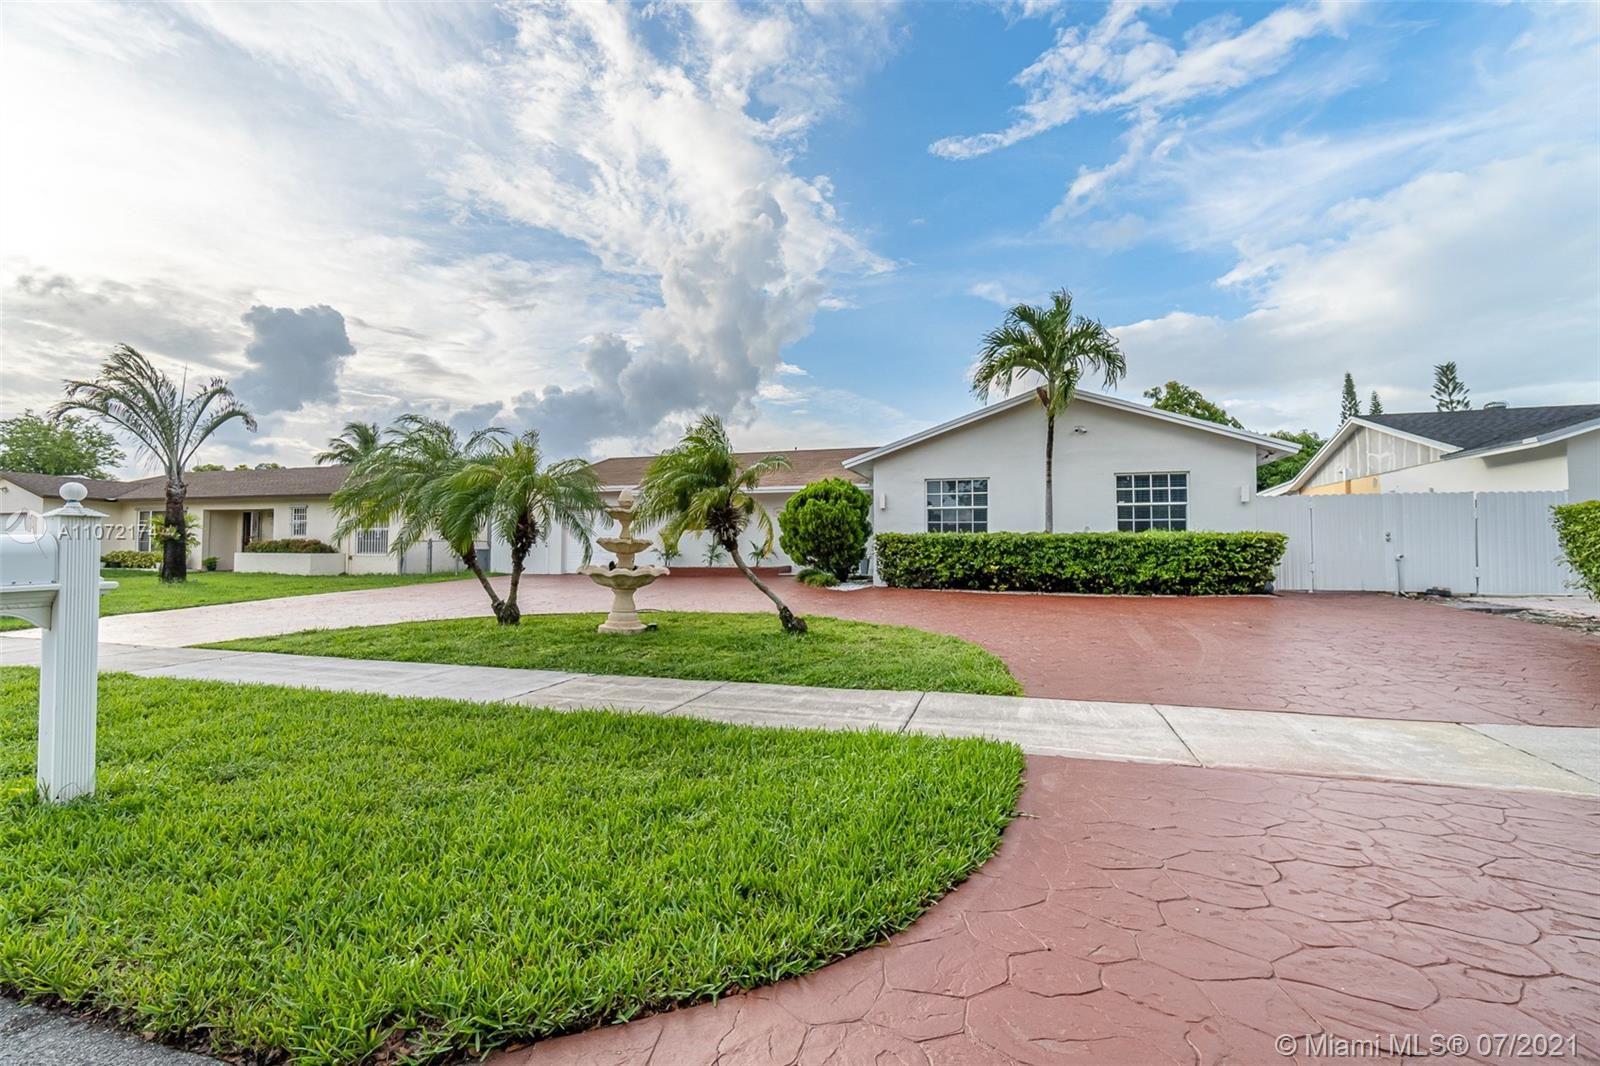 11011 SW 166th Ter, Miami, FL 33157 - #: A11072174